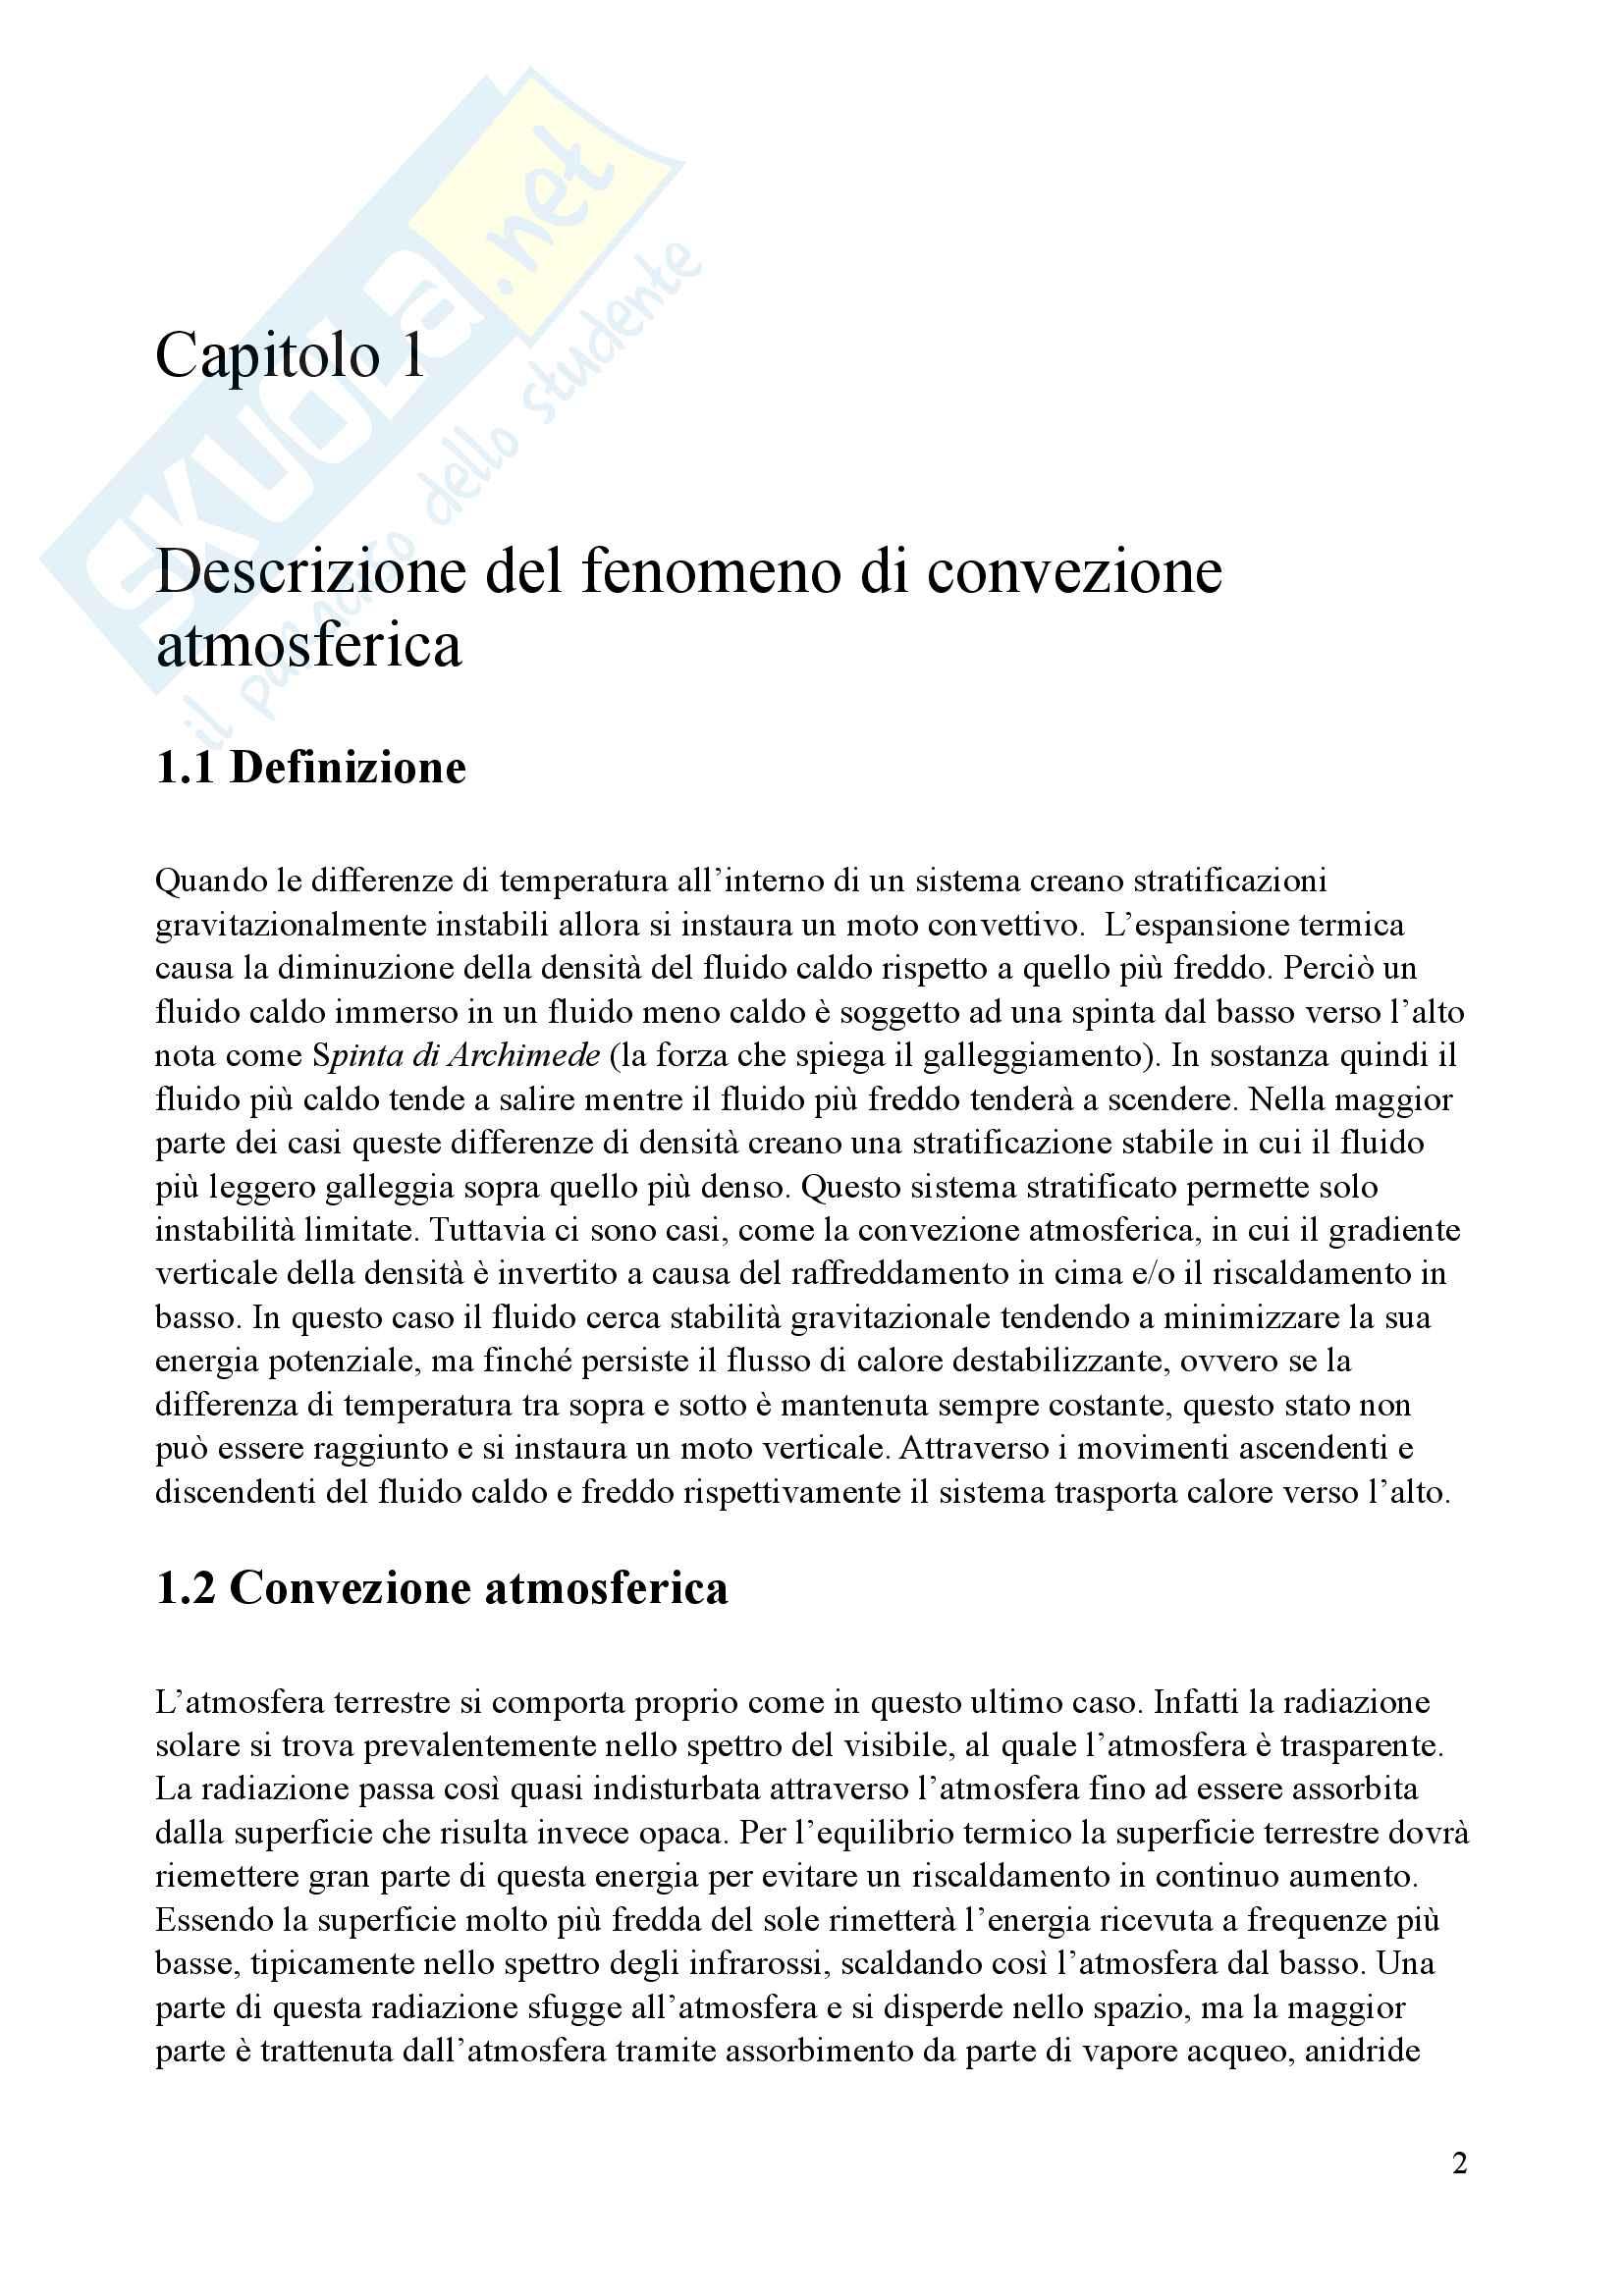 Tesi di Laurea Triennale - Dinamiche Caotiche e moti caotici in meteorologia: Il Modello di Lorenz Pag. 6